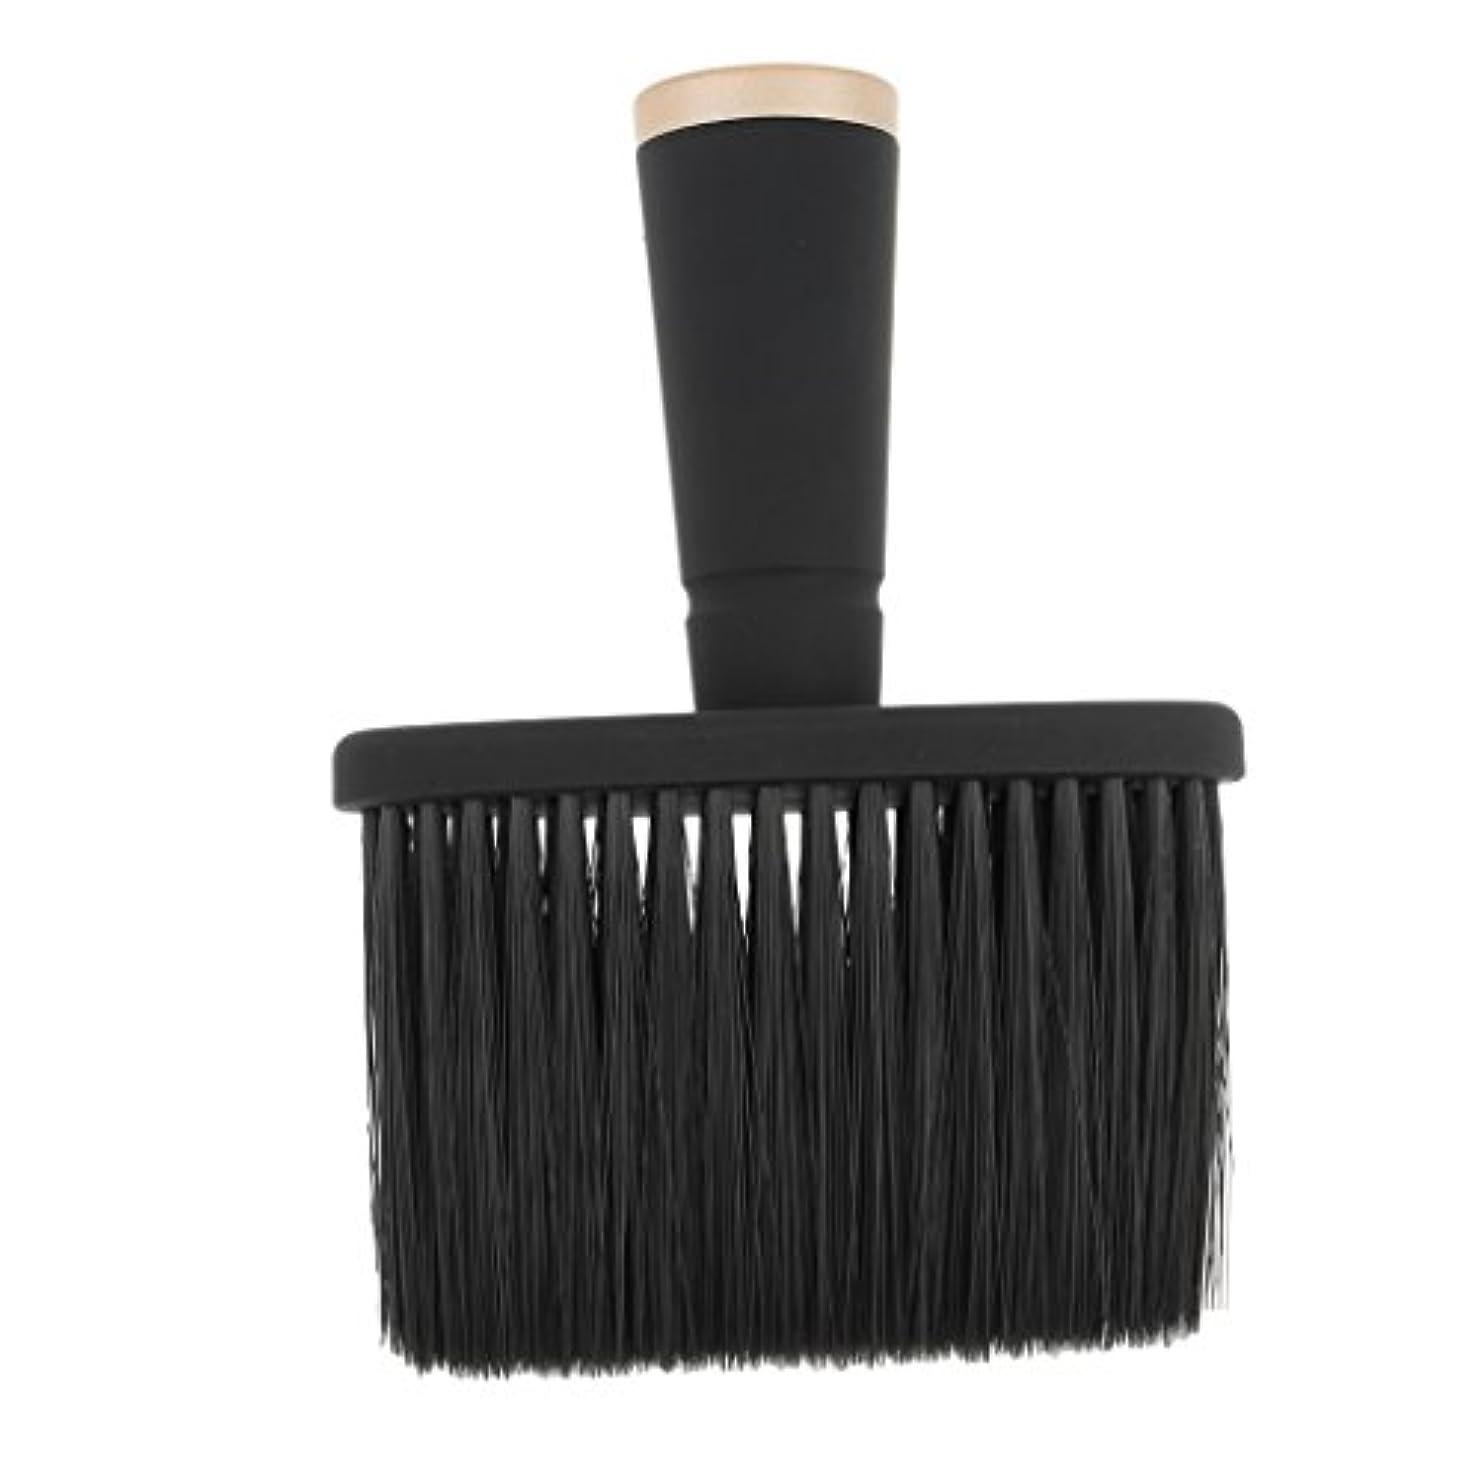 棚三十残酷なToygogo プロの理髪師の首のダスターのブラシ、毛の切断のための柔らかいクリーニングの表面ブラシ、携帯用設計 - ゴールド